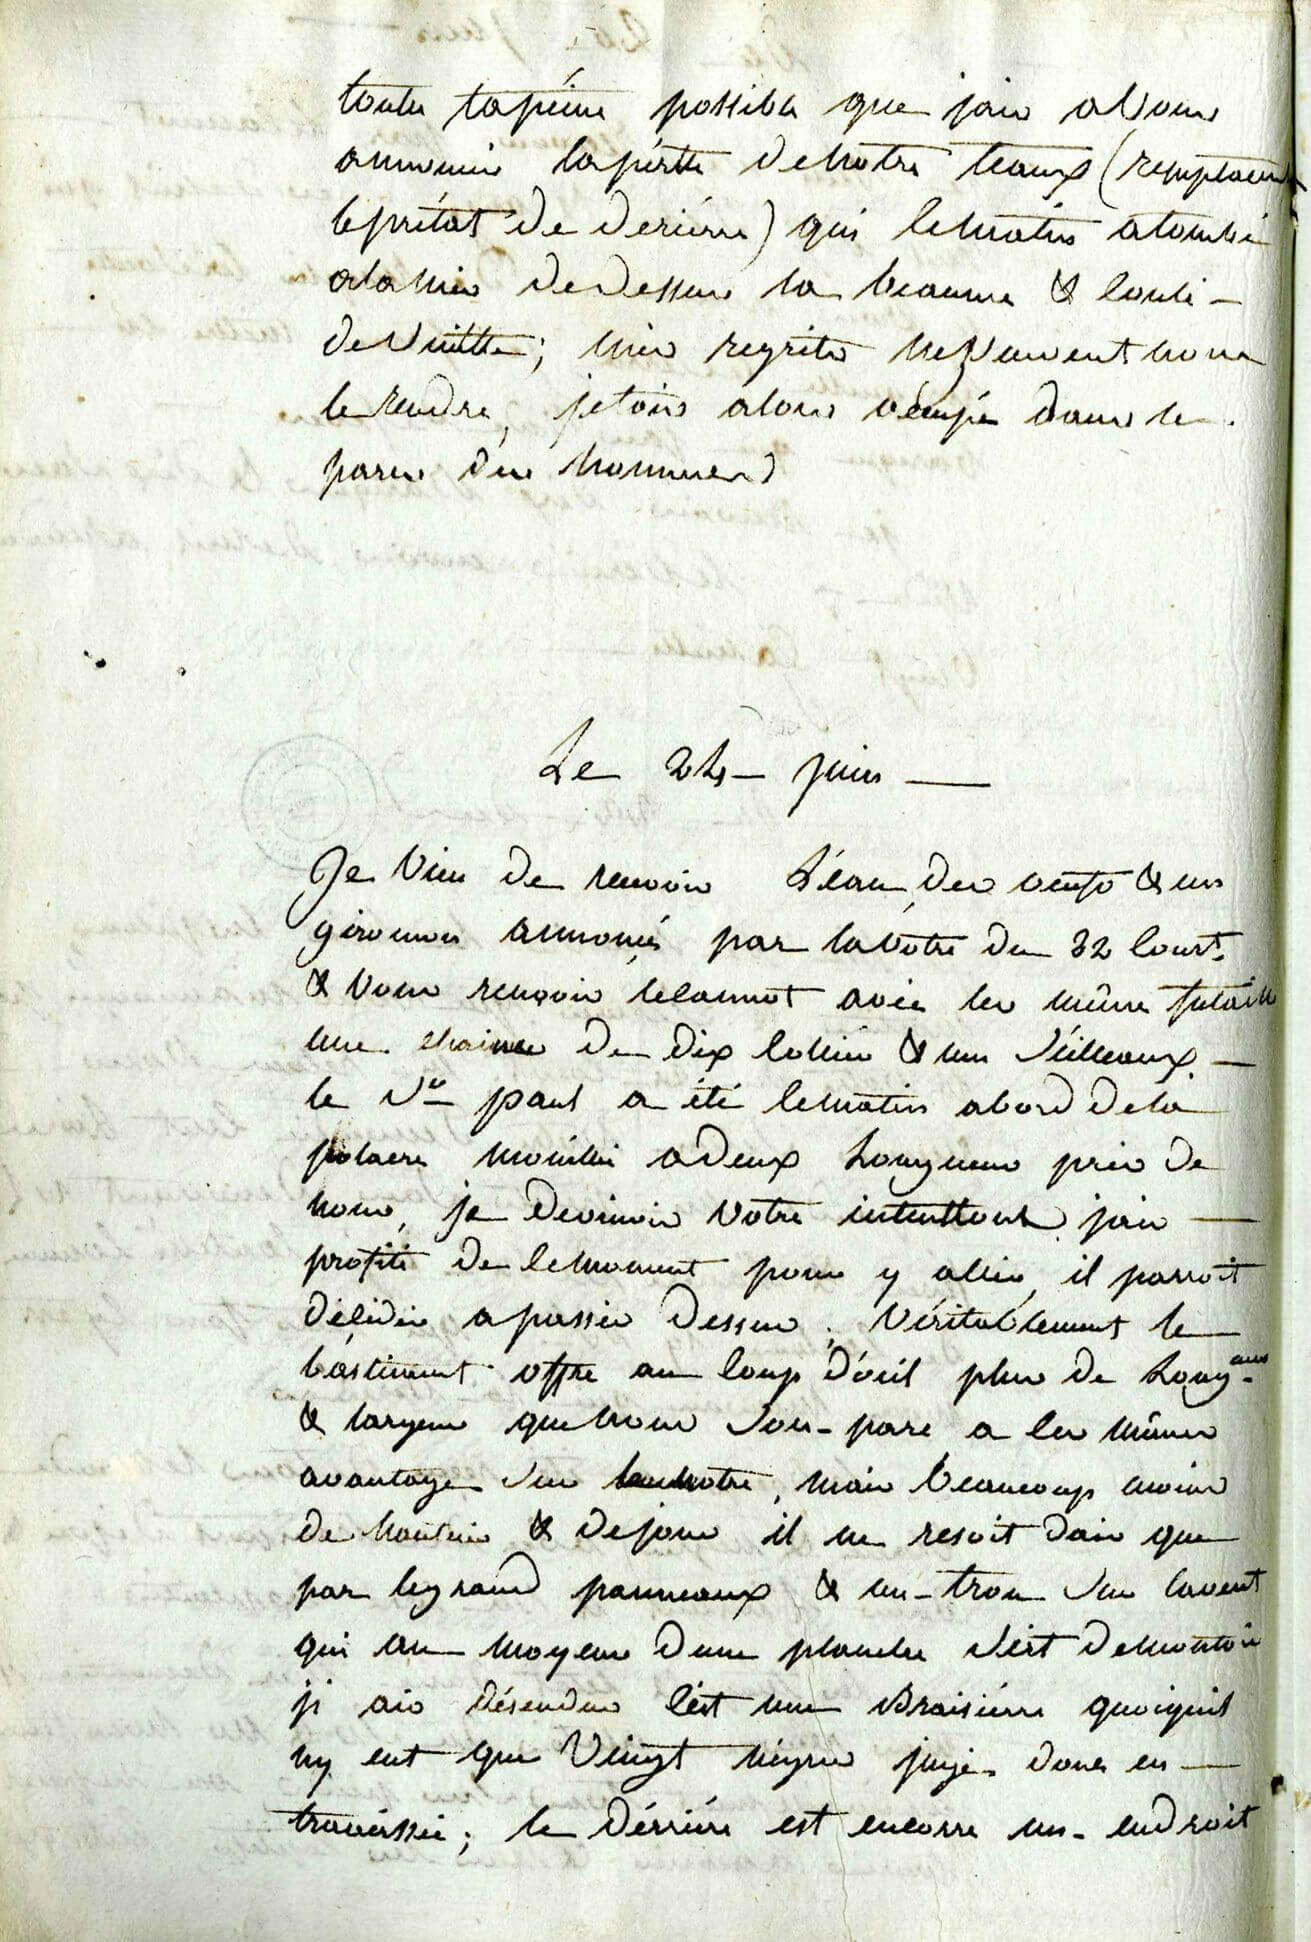 Correspondance adressée par Claude Vincent Polony au capitaine de La Reine de Podor  décrivant les conditions de vie des Noirs à bord d'un vaisseau rencontré